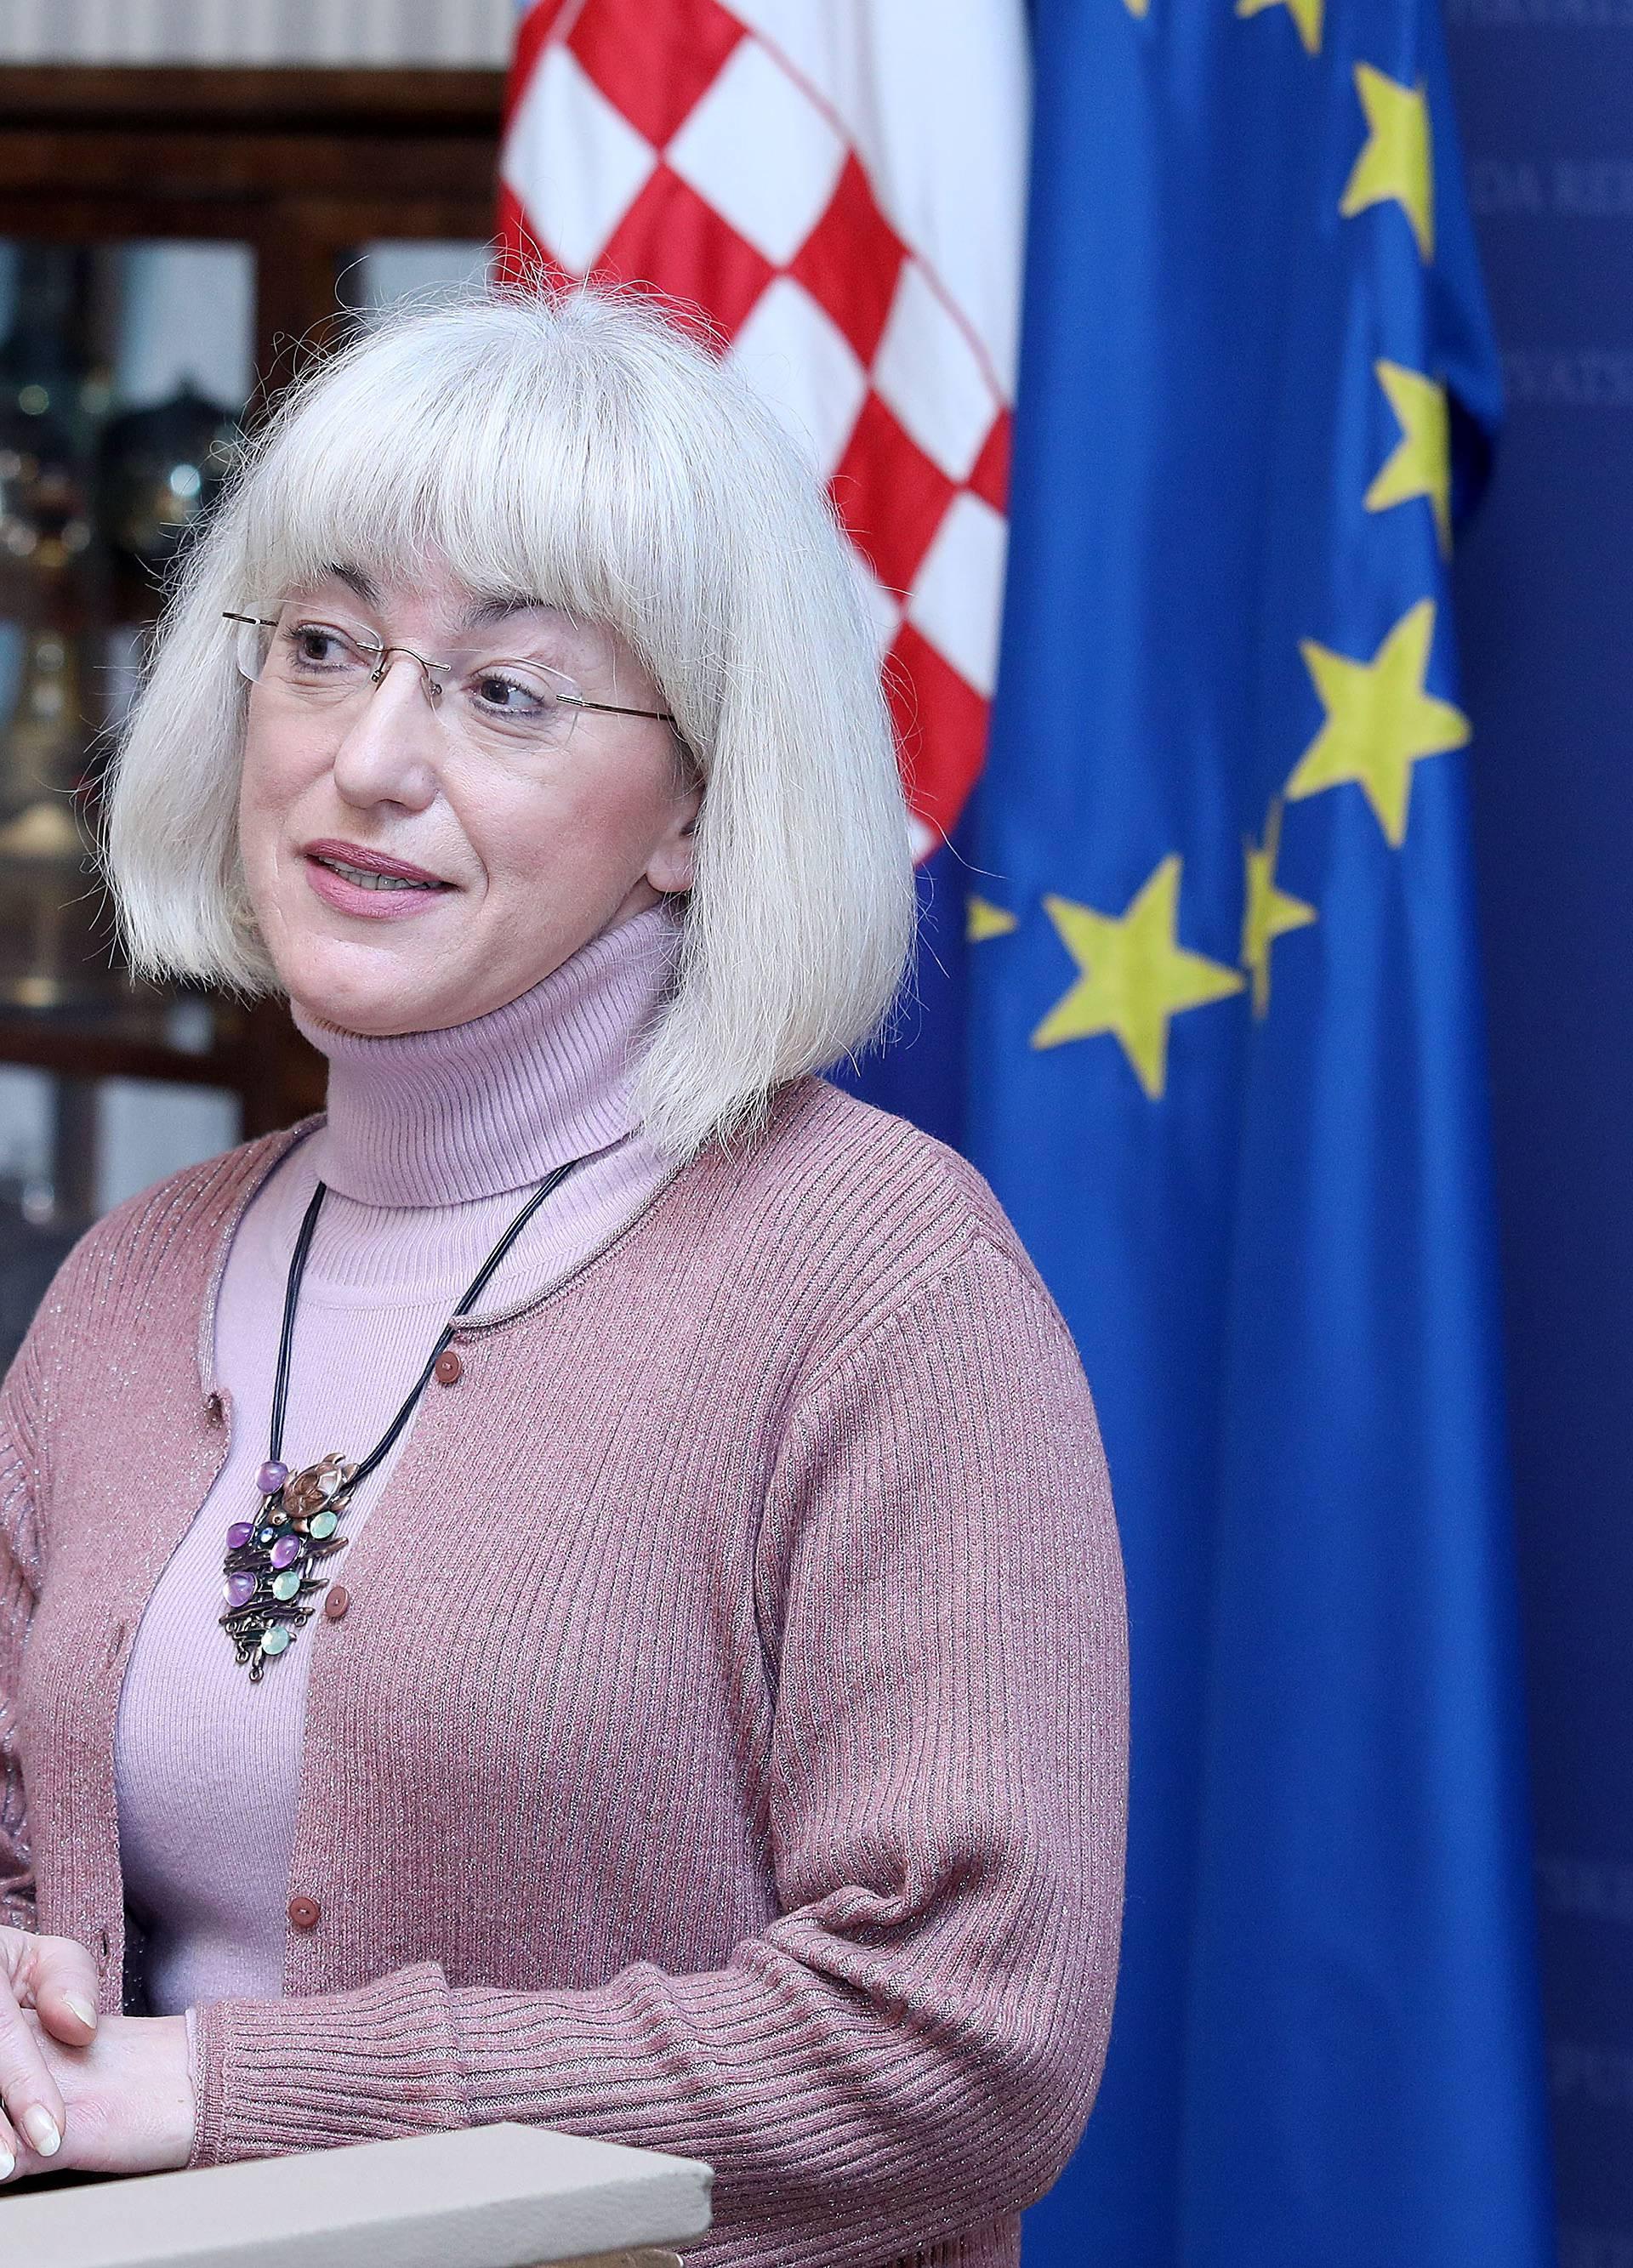 Ministrica Bedeković: 'Nema jedinstvene definicije obitelji'